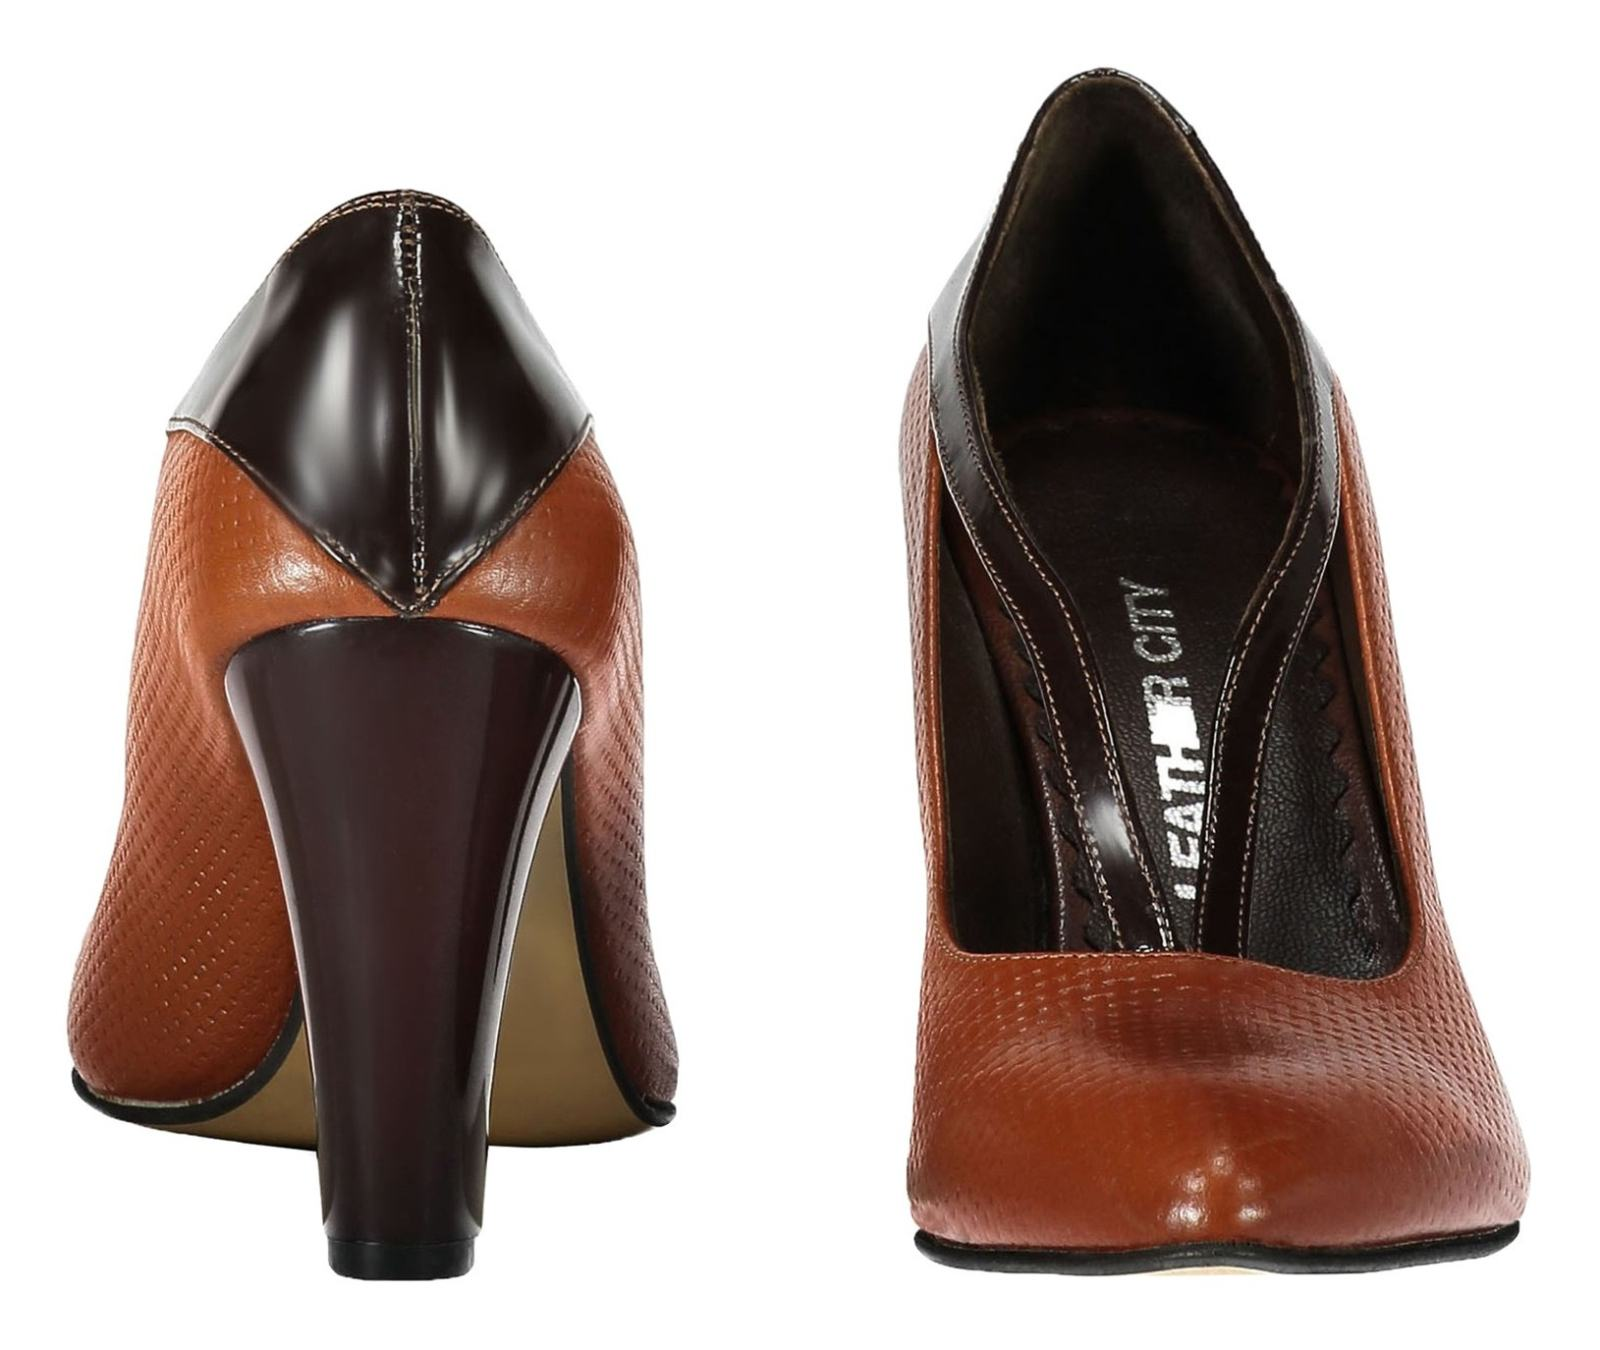 کفش پاشنه بلند چرم زنانه - شهر چرم - قهوه ای و عسلی - 3